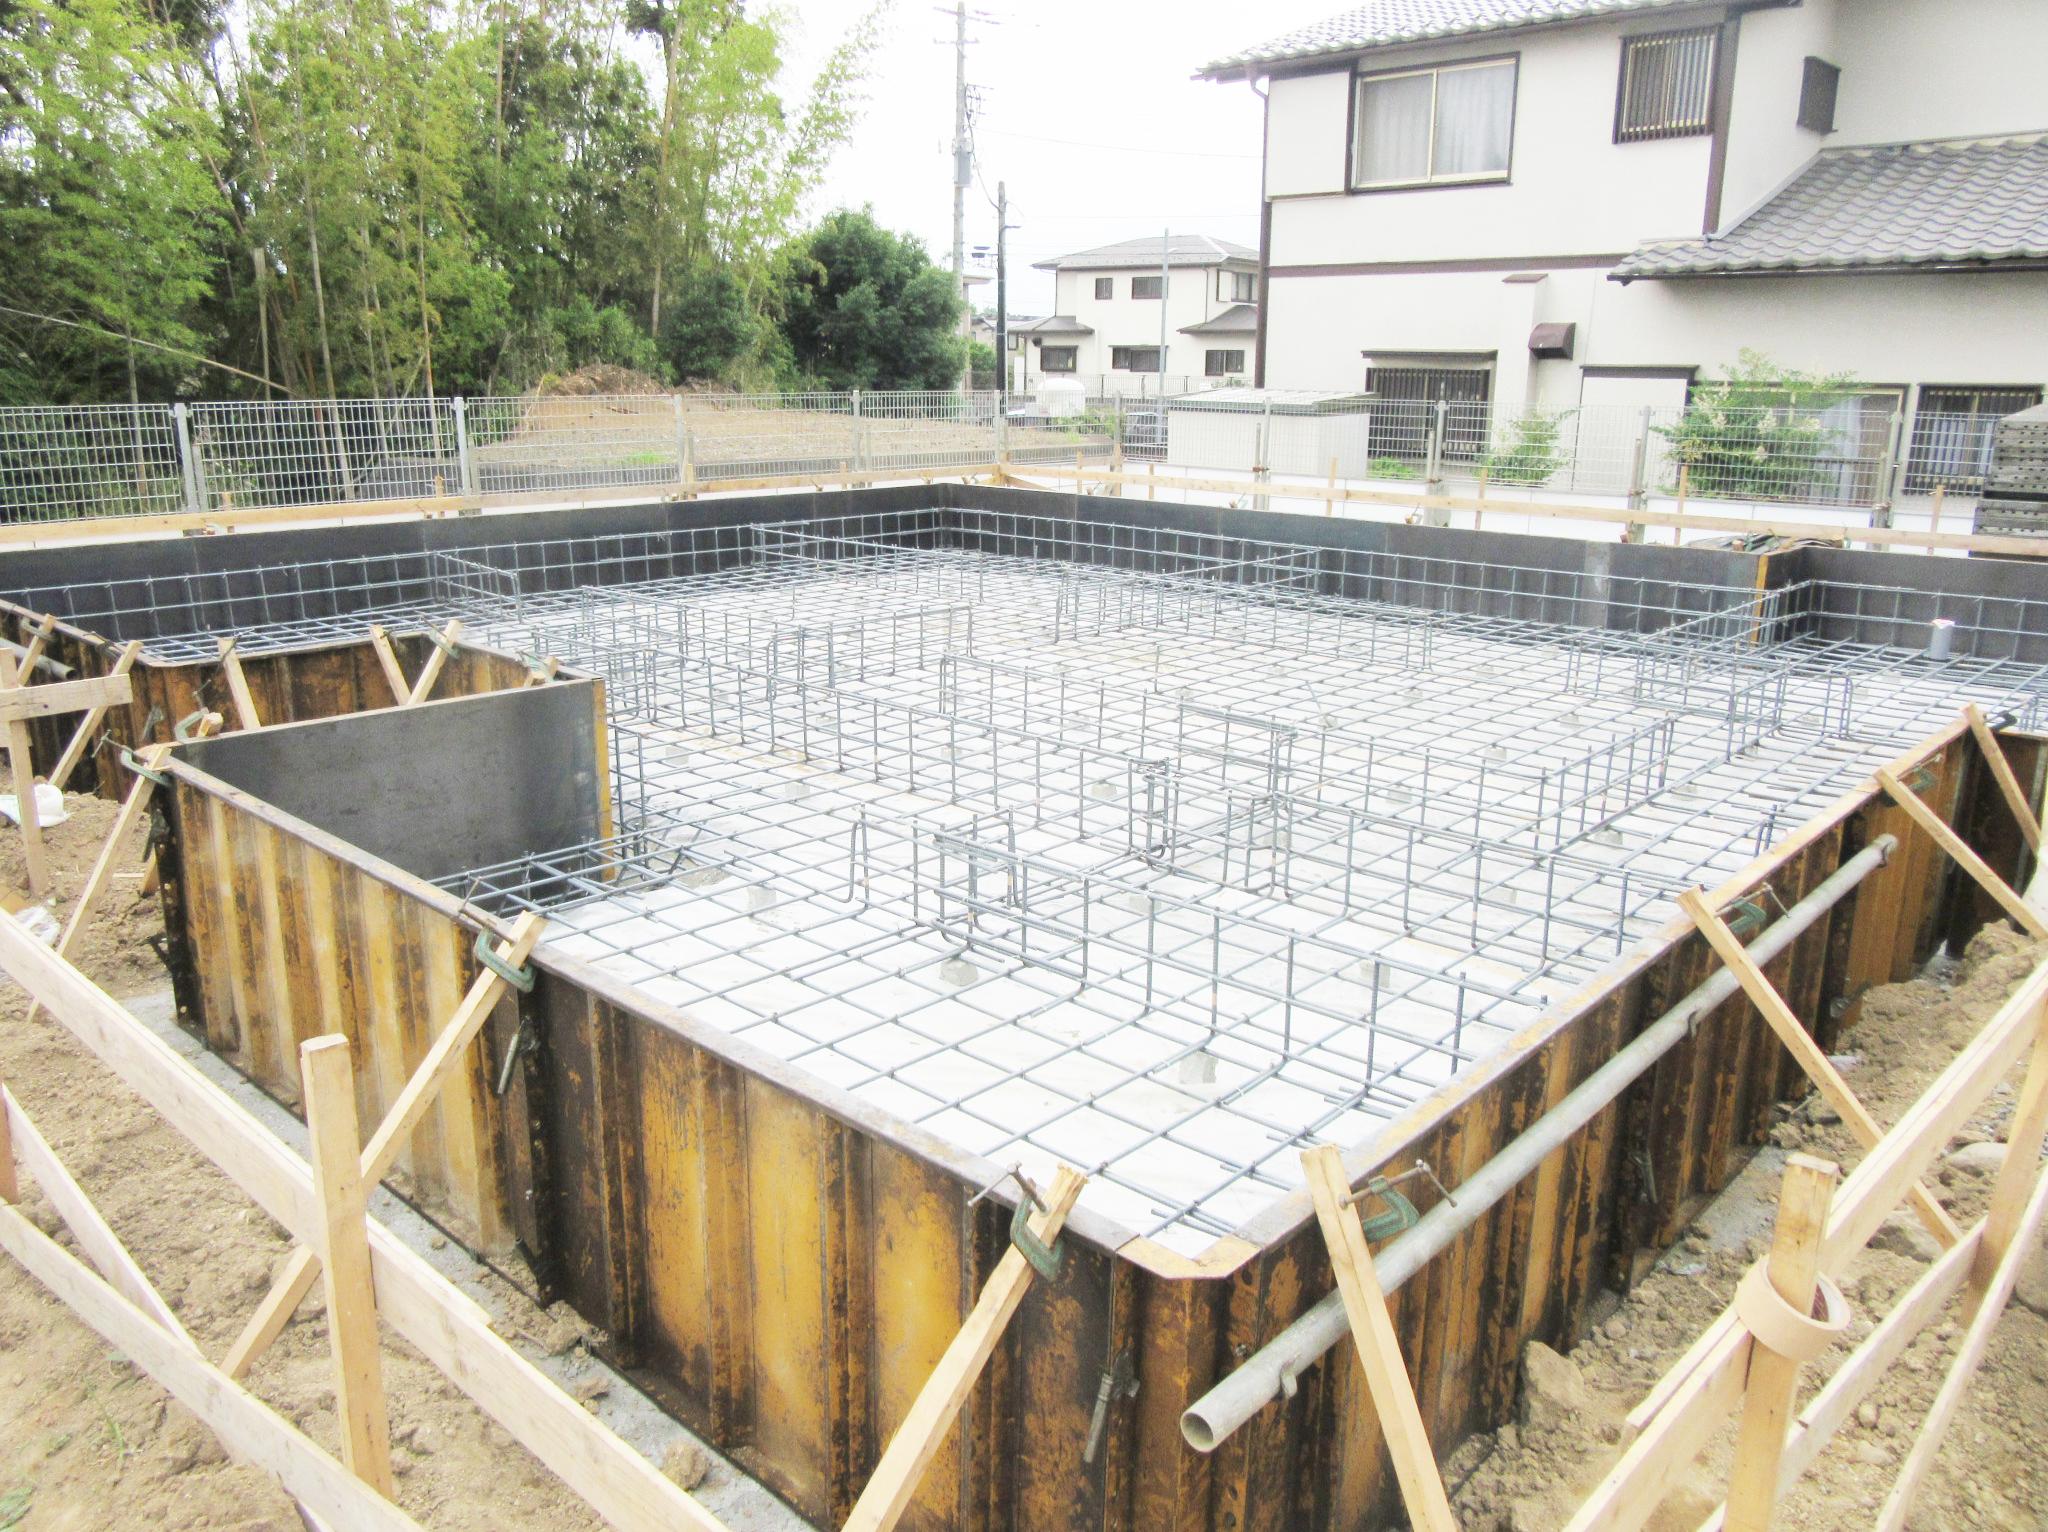 đơn hàng xây dựng Nhật Bản tại JVNET